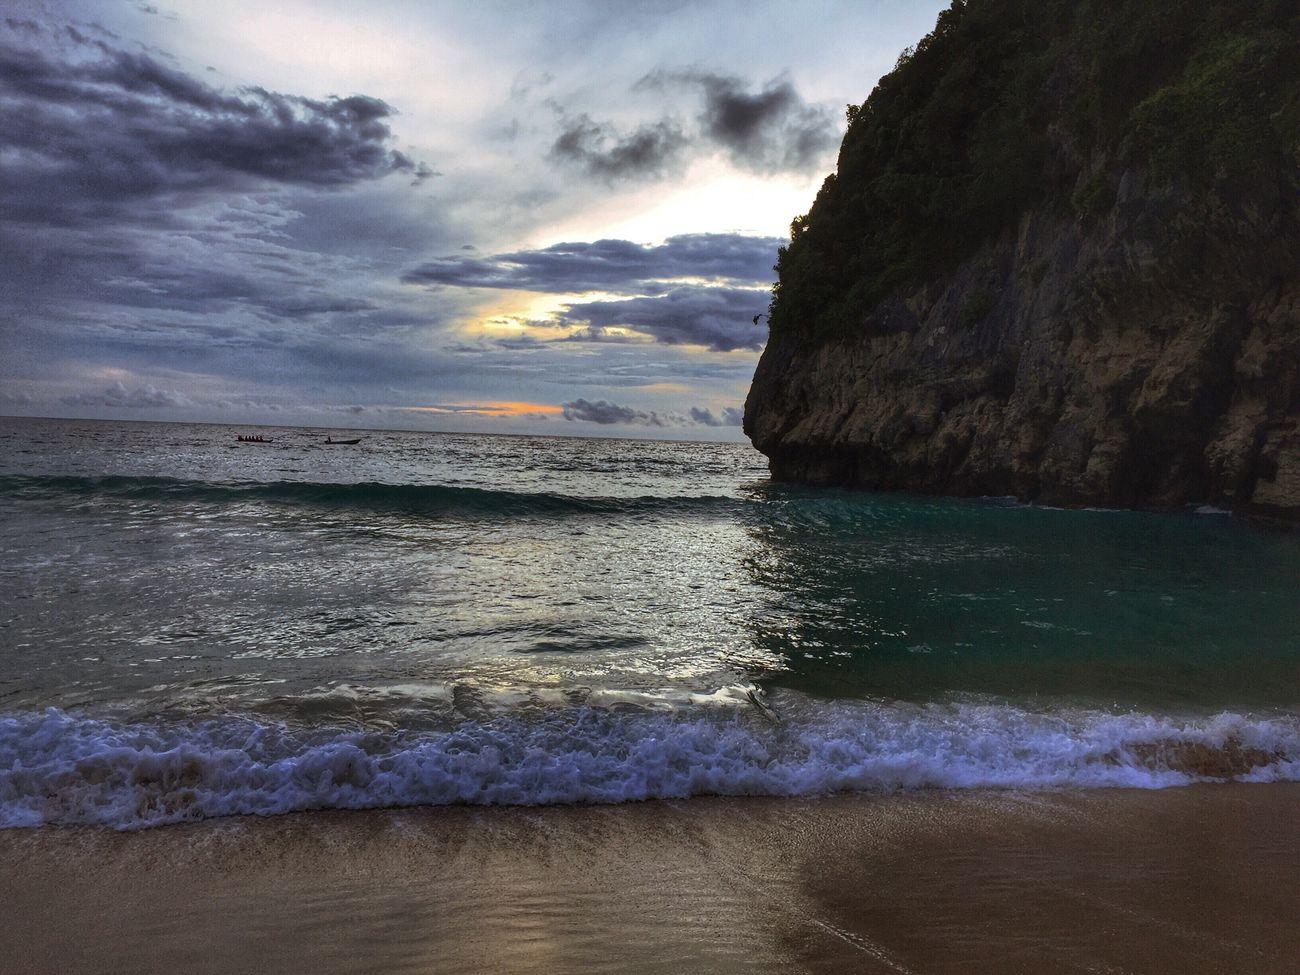 🌊 #pantaitebinglampuuk #bandaaceh #wisataaceh #beach #sunset #indonesia #🇲🇨 #sealover Beachtime